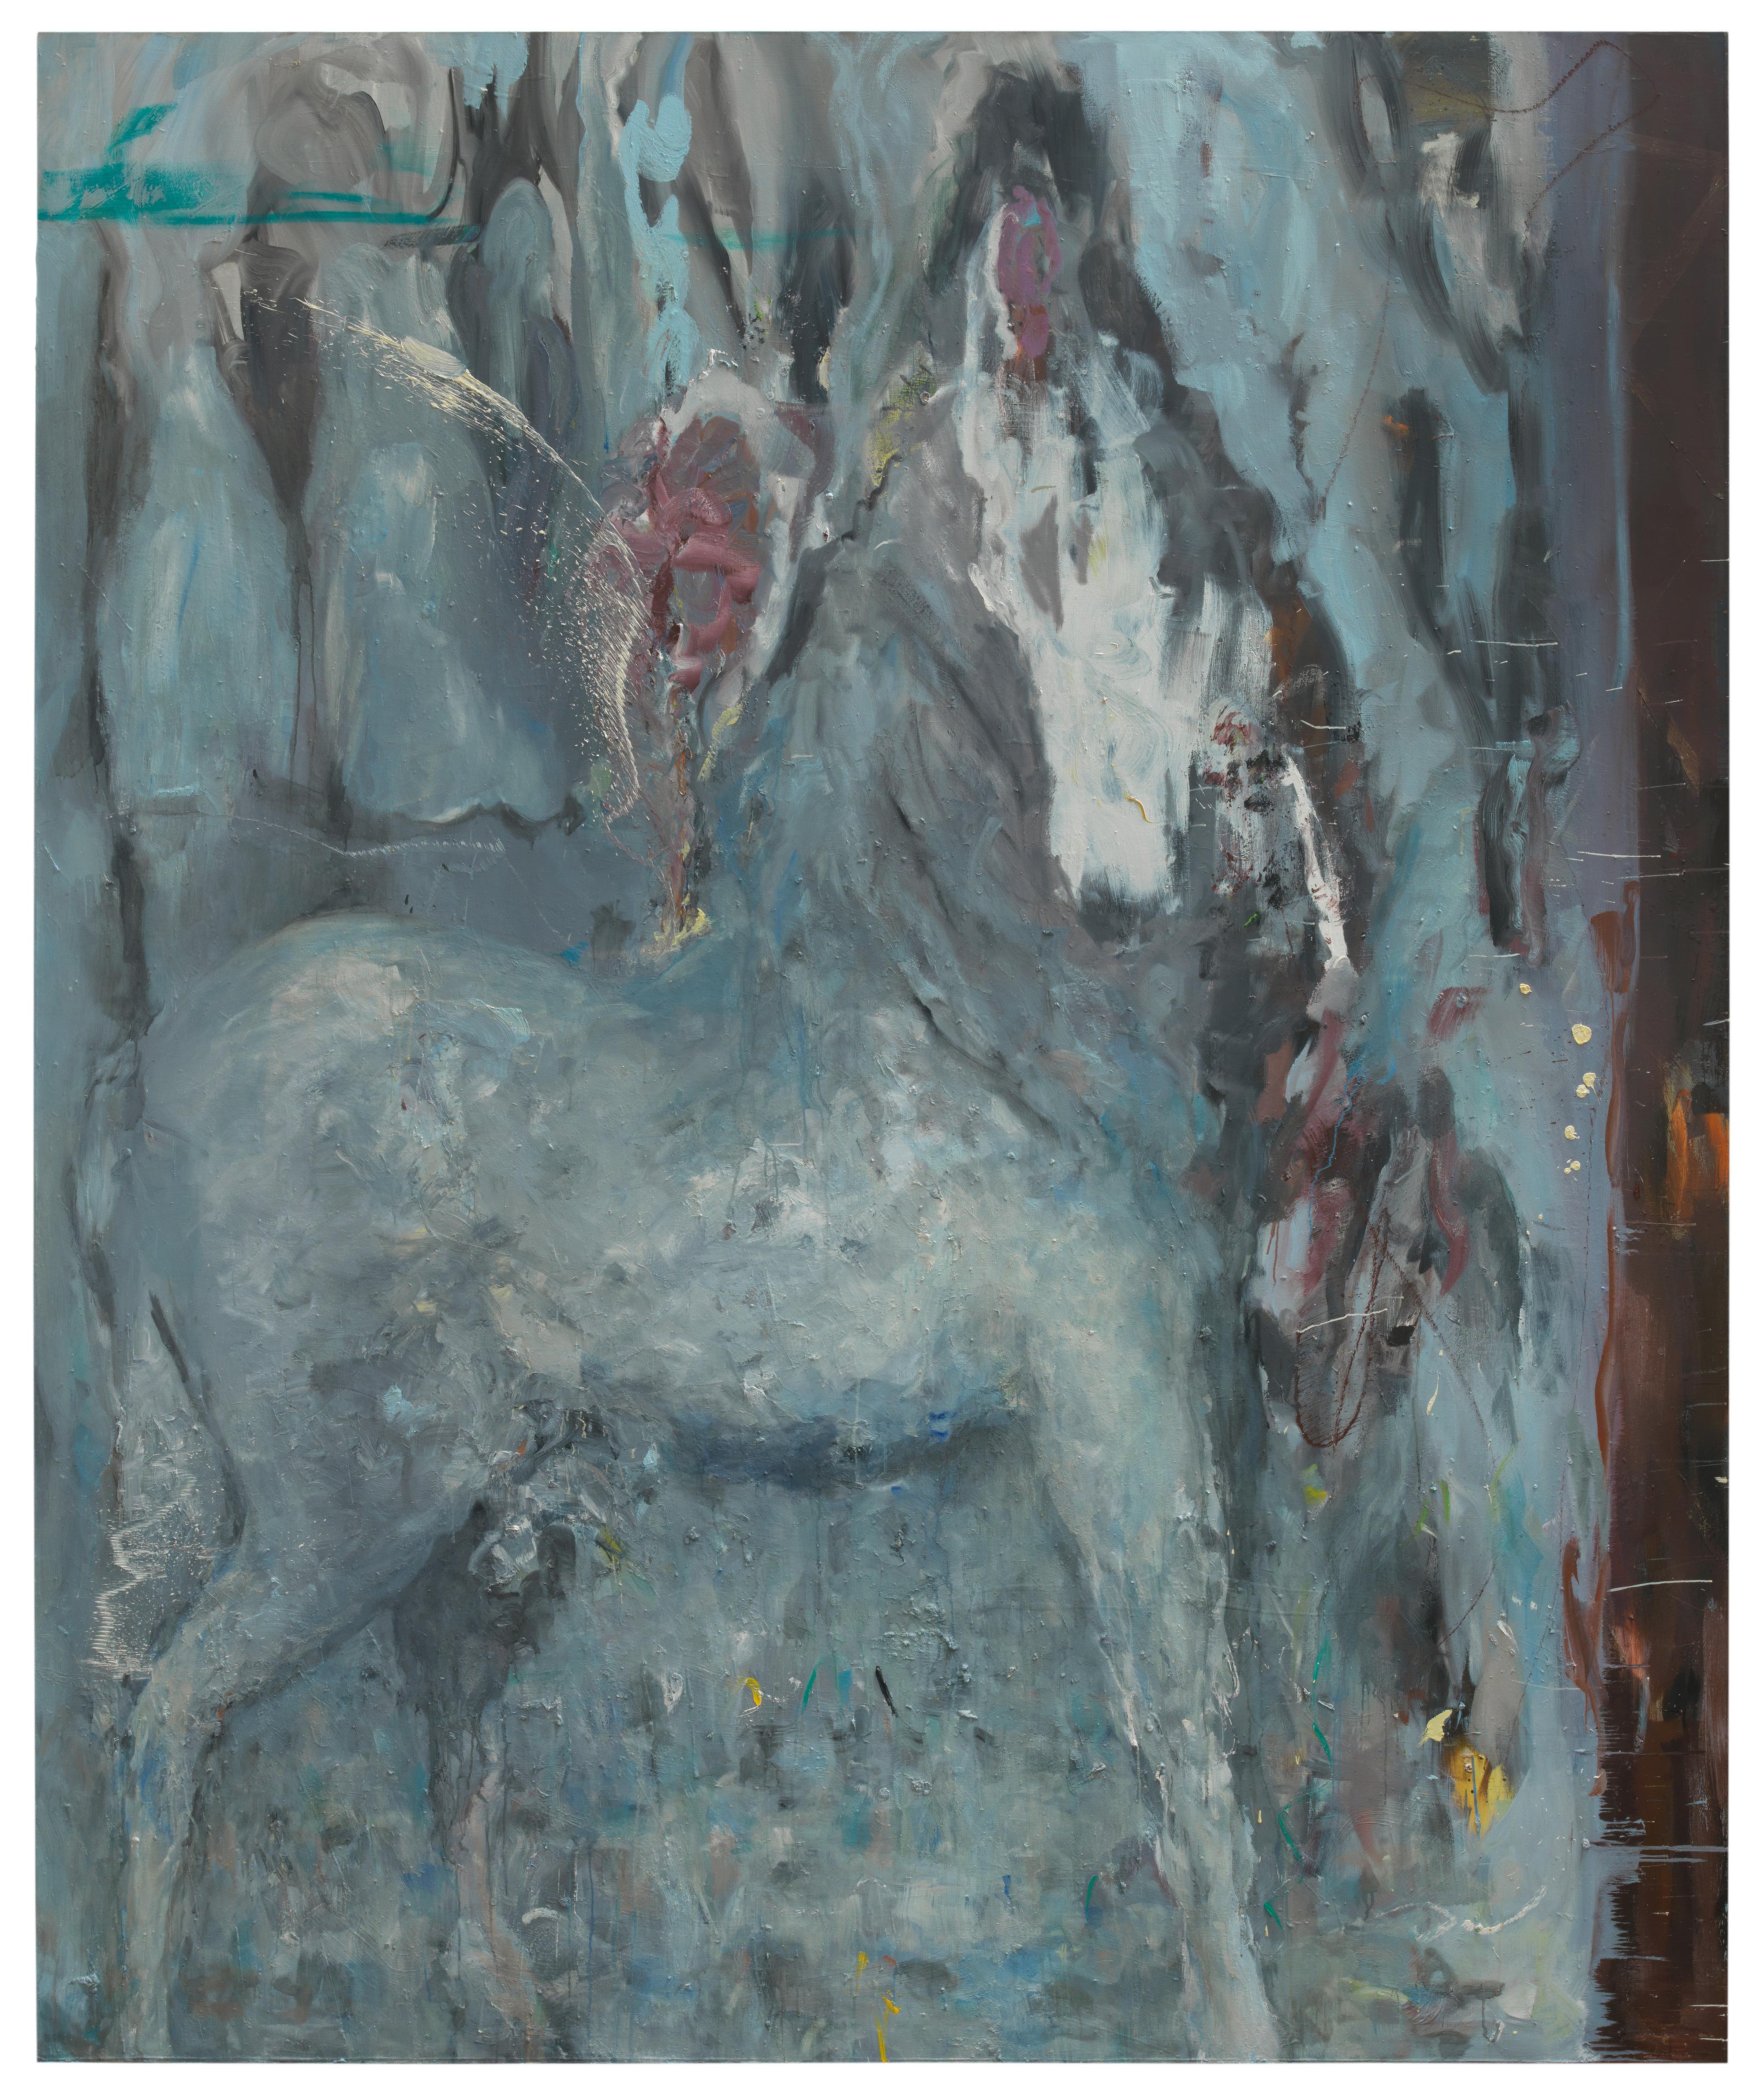 Galerie Barbara Thumm \ Valérie Favre: Teddy (VFa-11-0160) \ Teddy (2009 – 2011)